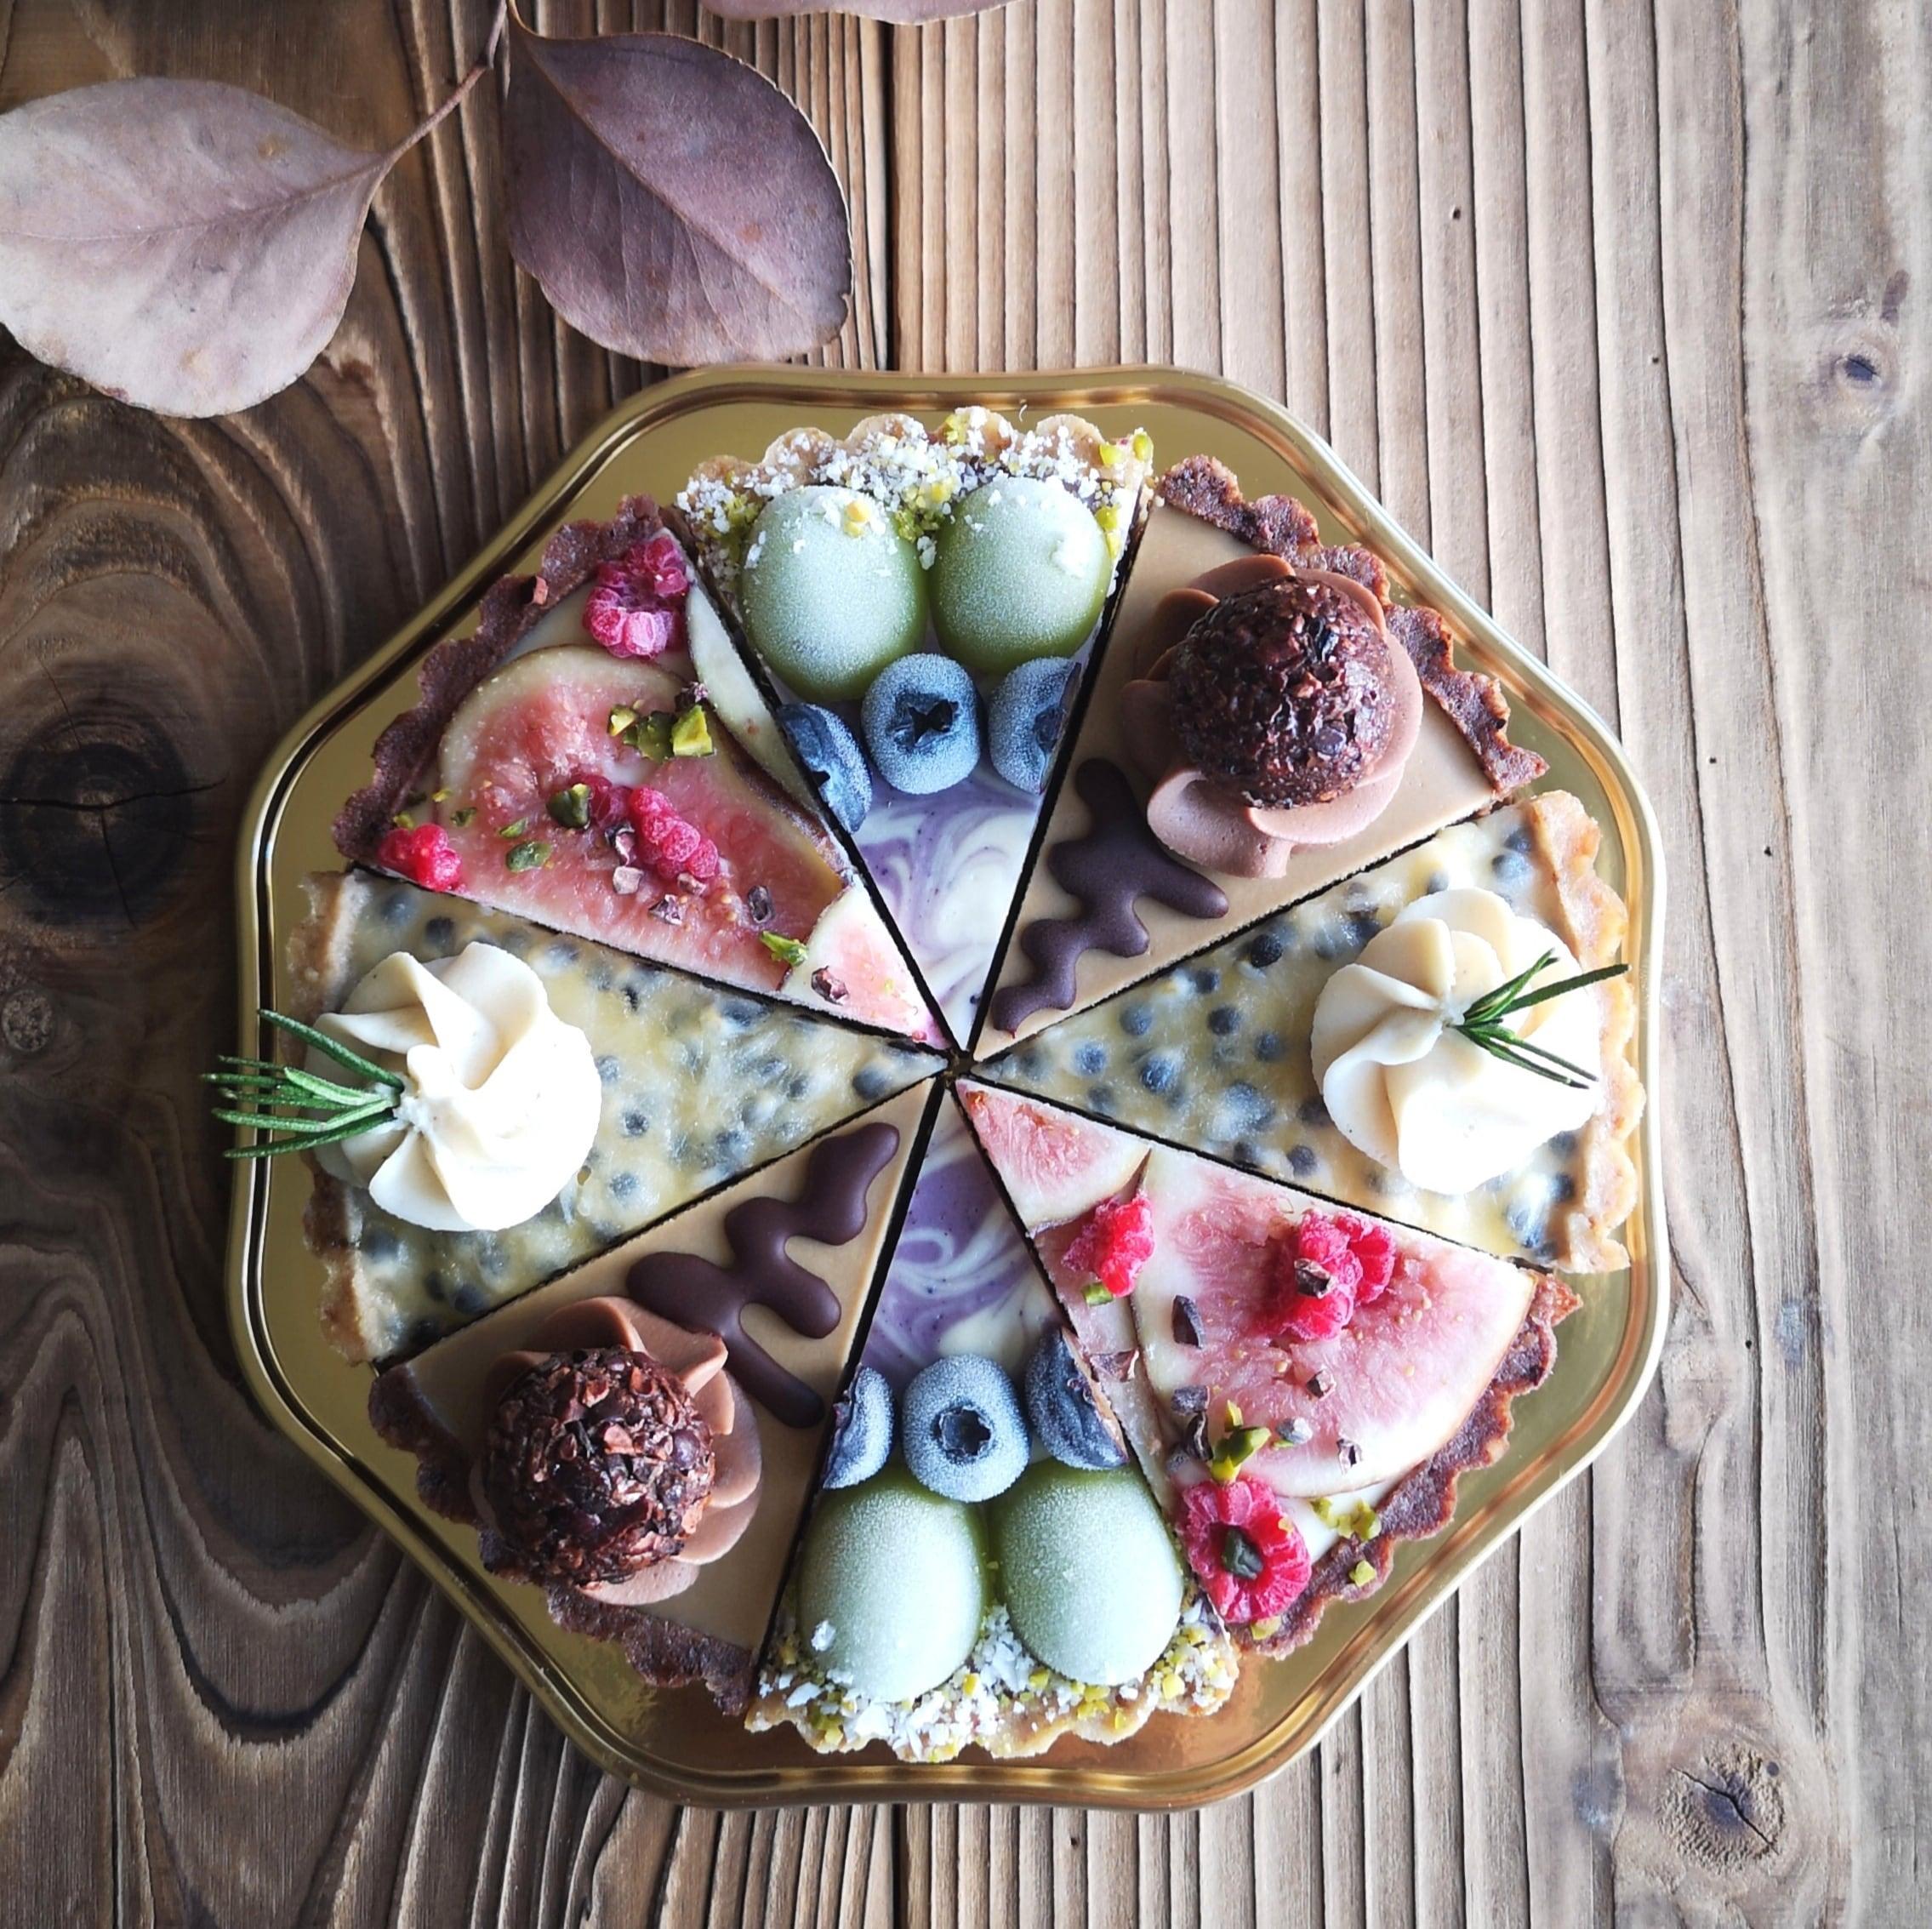 【ご予約のお客さま専用です】季節のローケーキアソートセット Vol.11